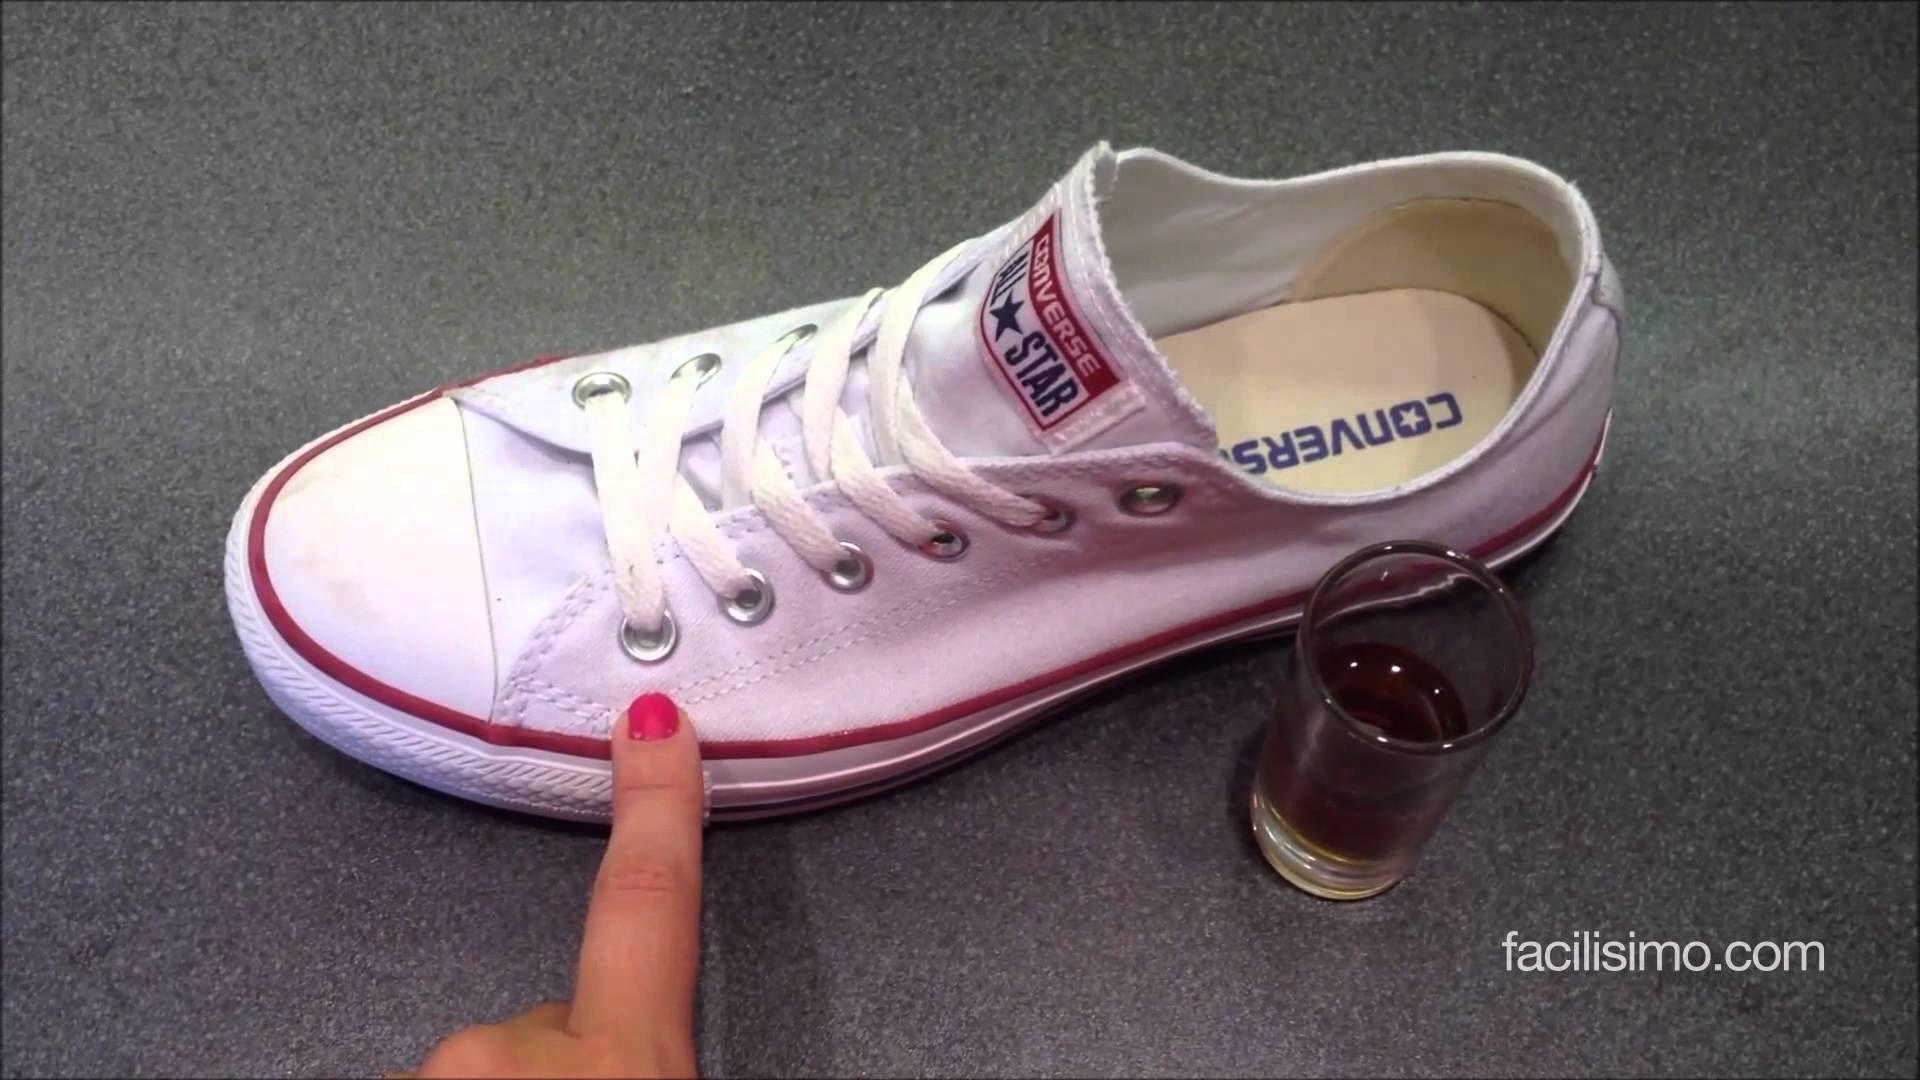 Cómo blanquear zapatillas de deporte | facilisimo.com